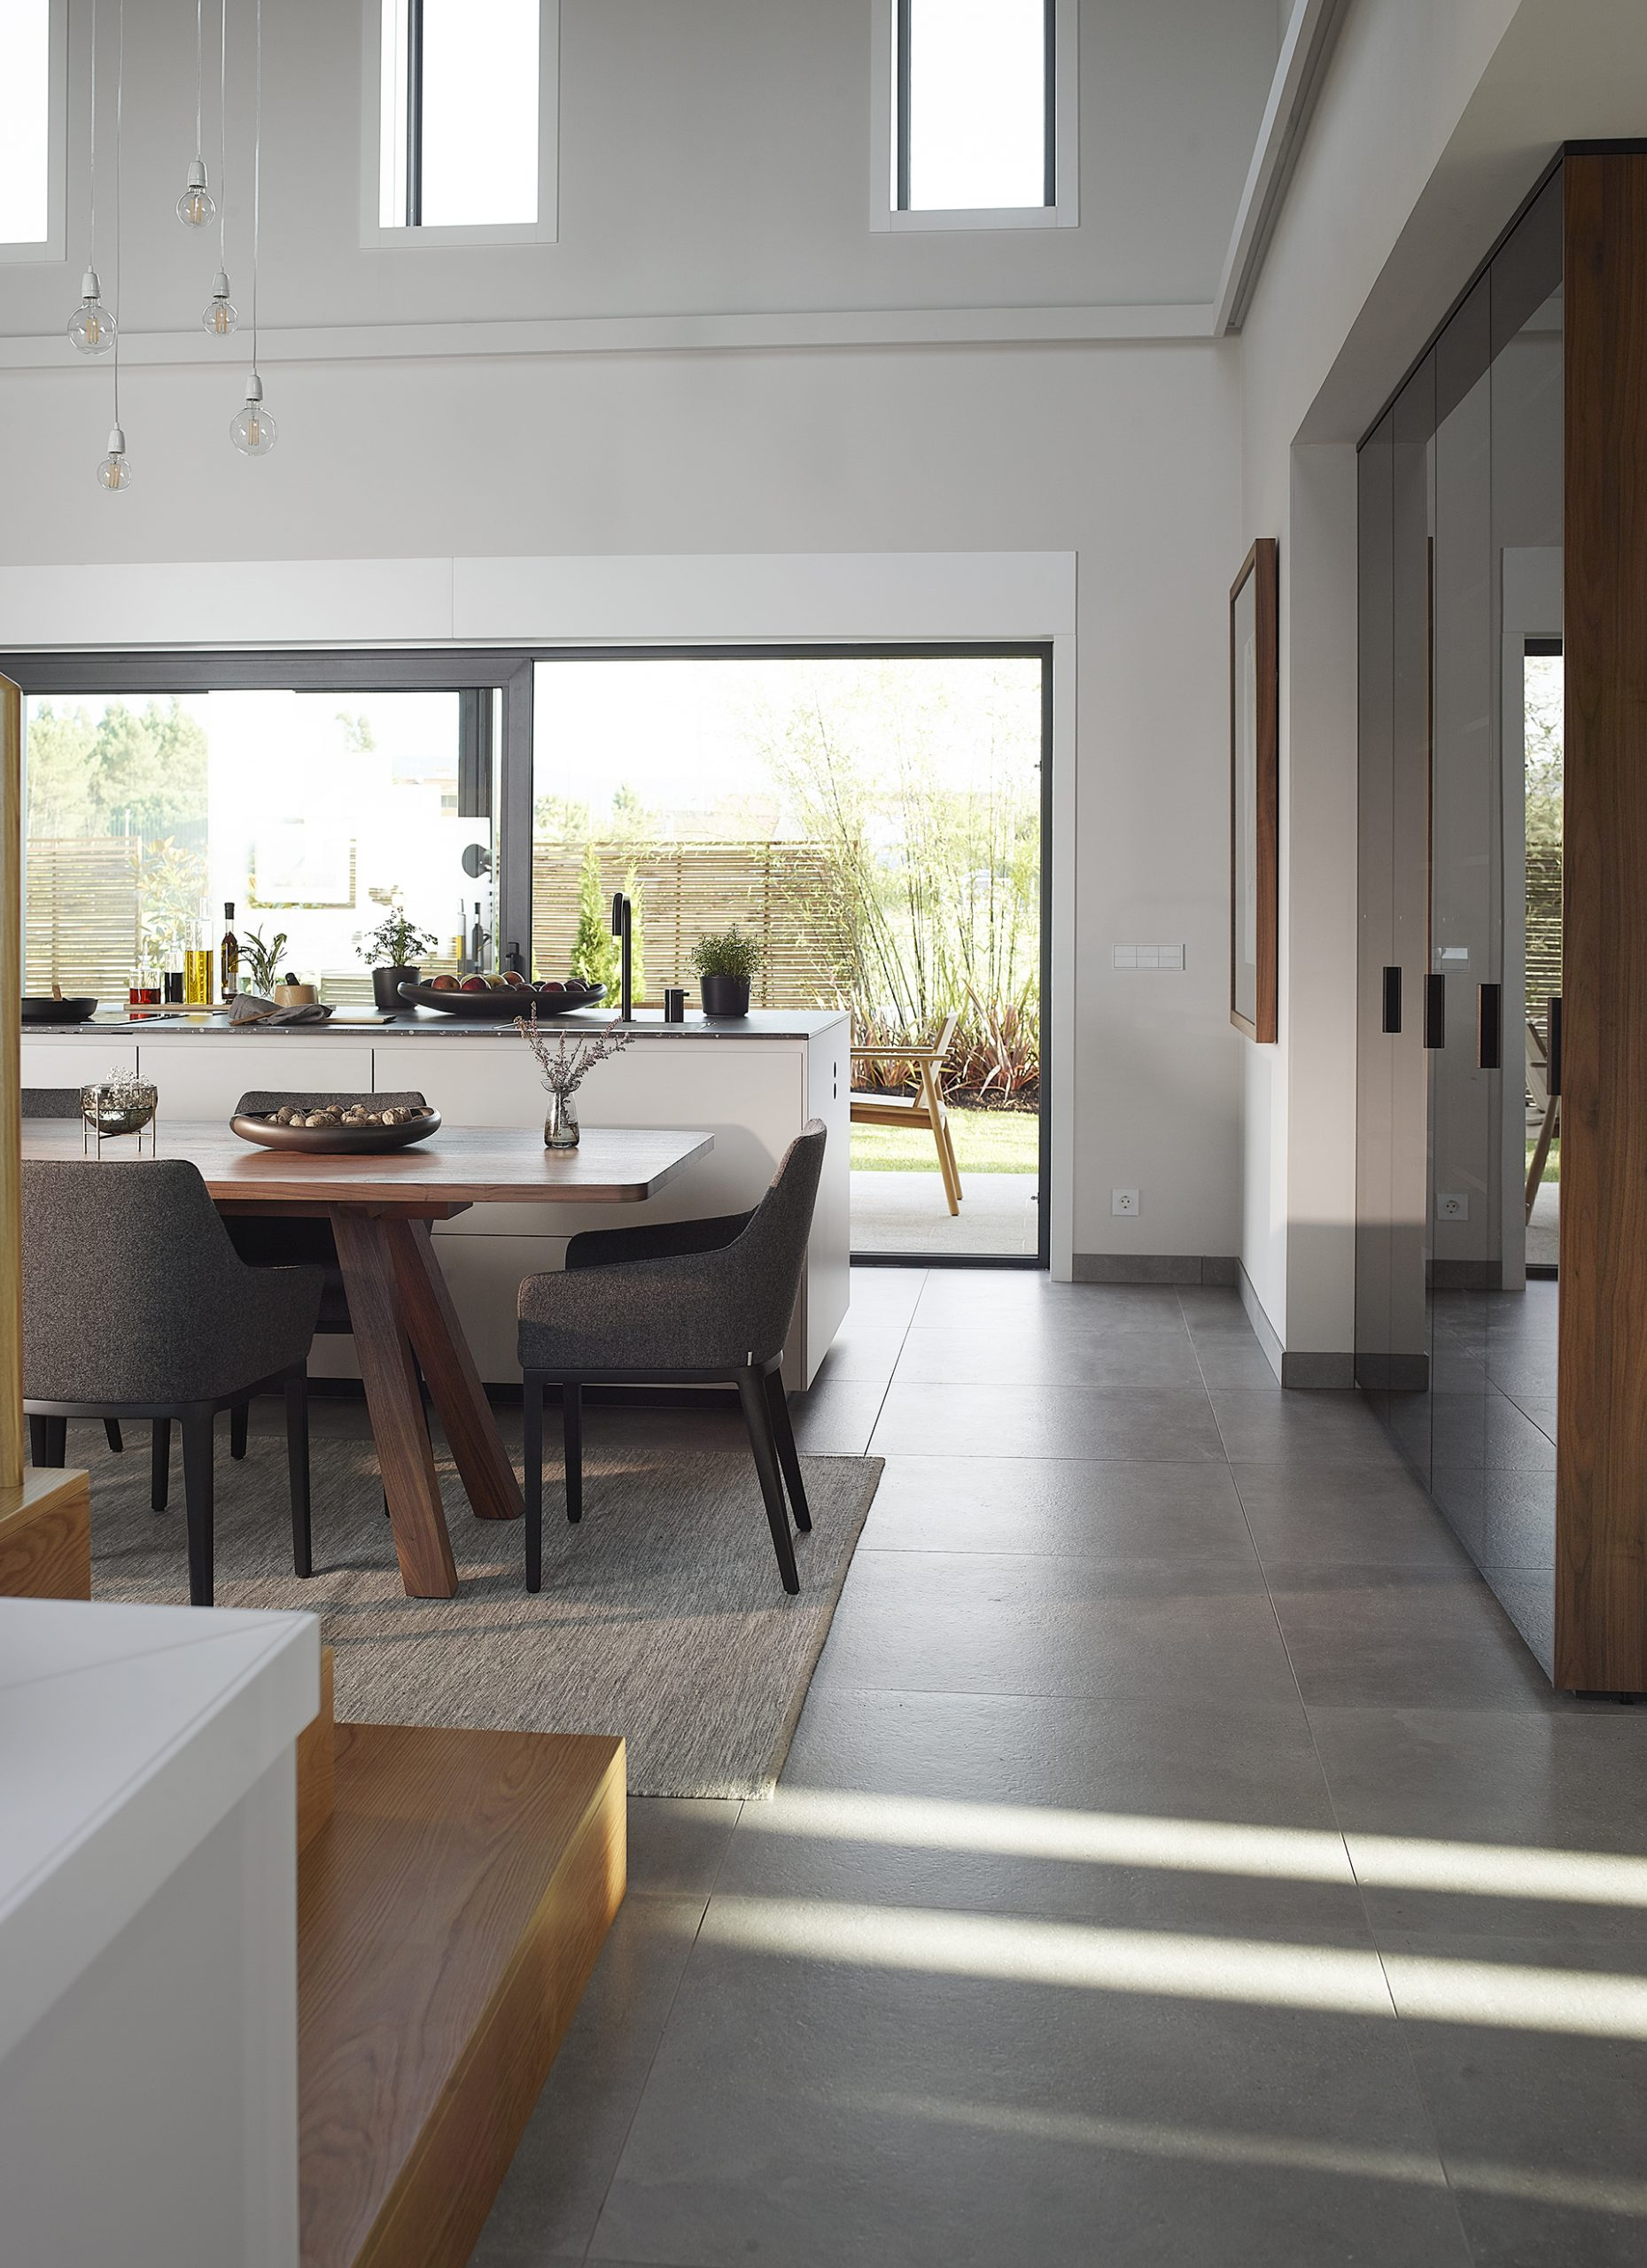 Cocina blanca y madera con isla abierta y luminosa